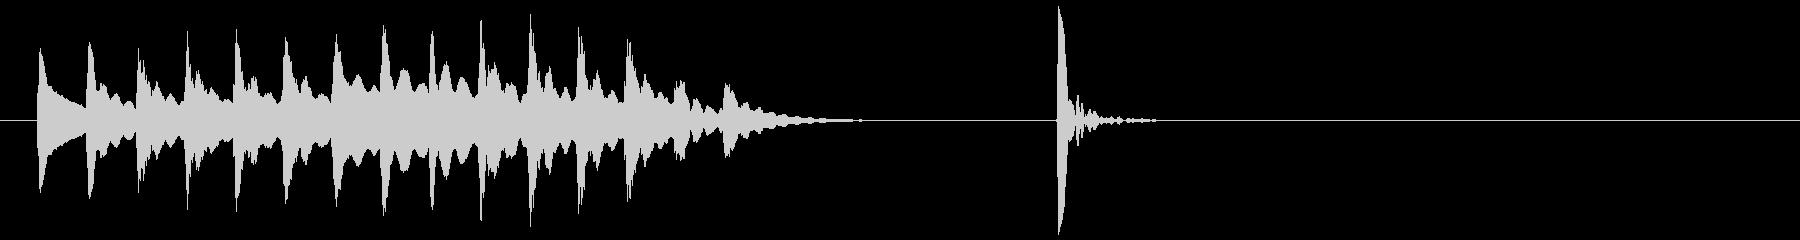 木琴~ポンッ!場面転換 アイキャッチ#5の未再生の波形